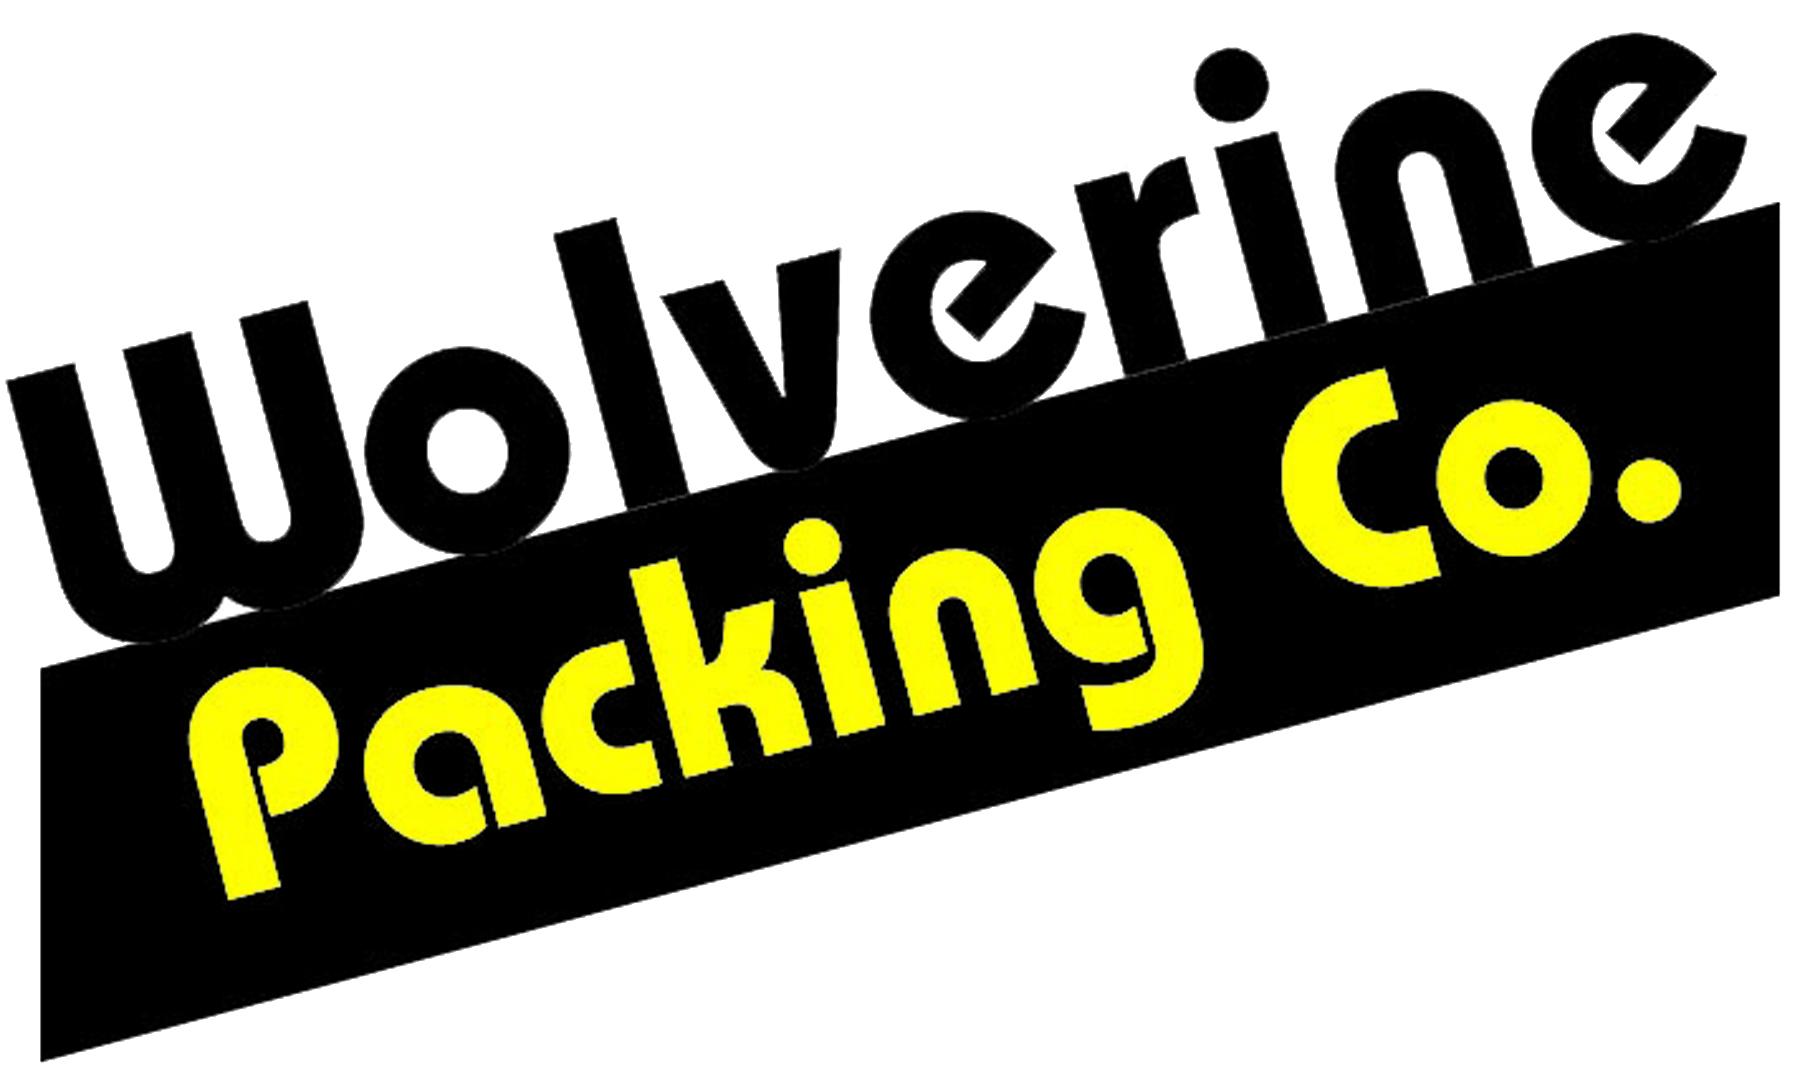 Wolverine_Packing_Co_SKedits.jpg